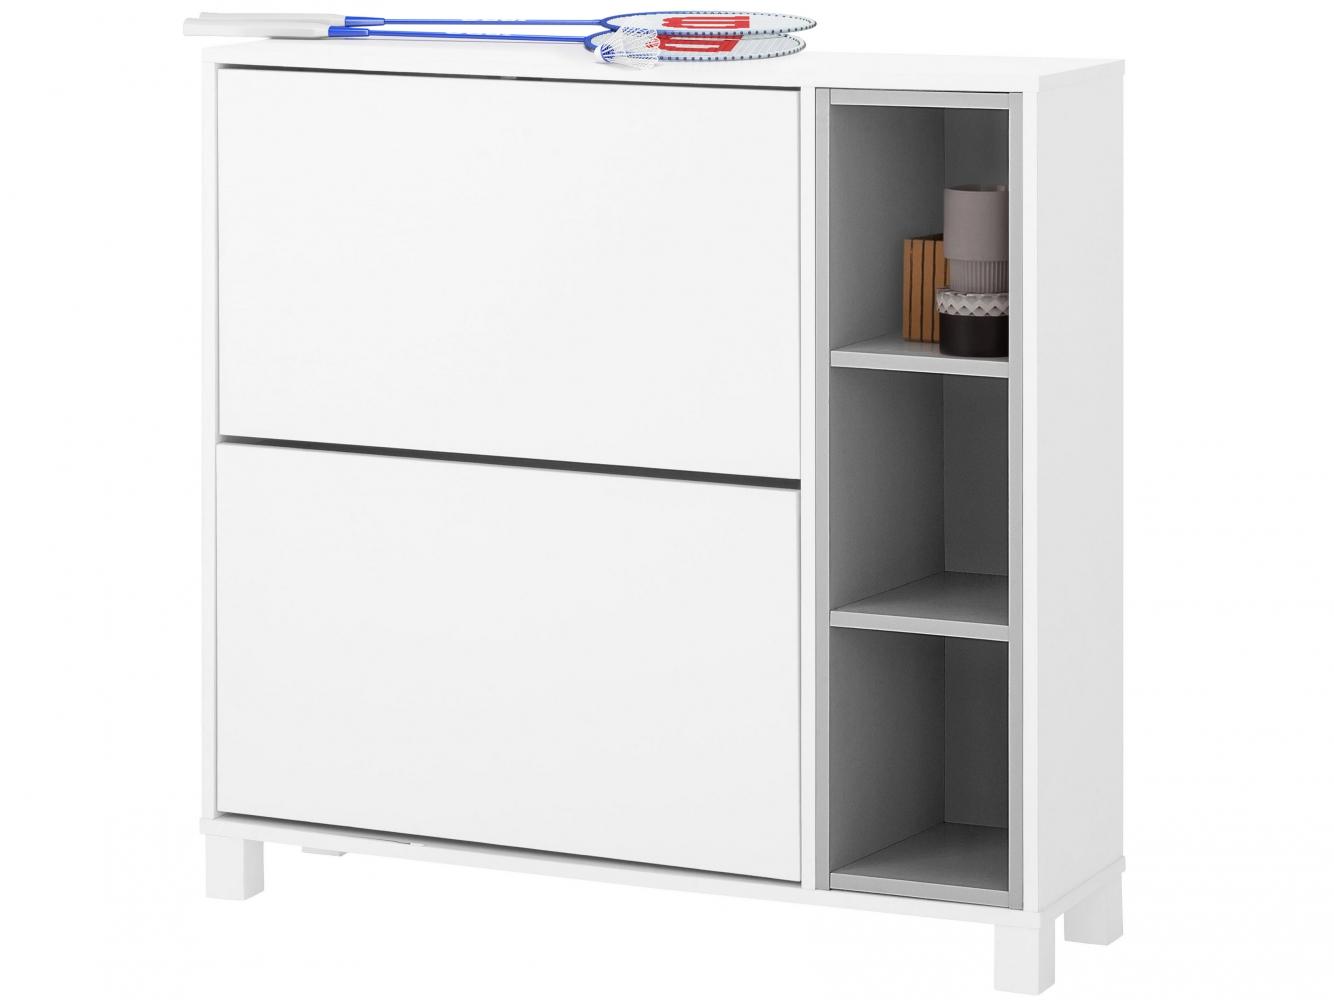 Botník Paker, 95 cm, bílá / šedá